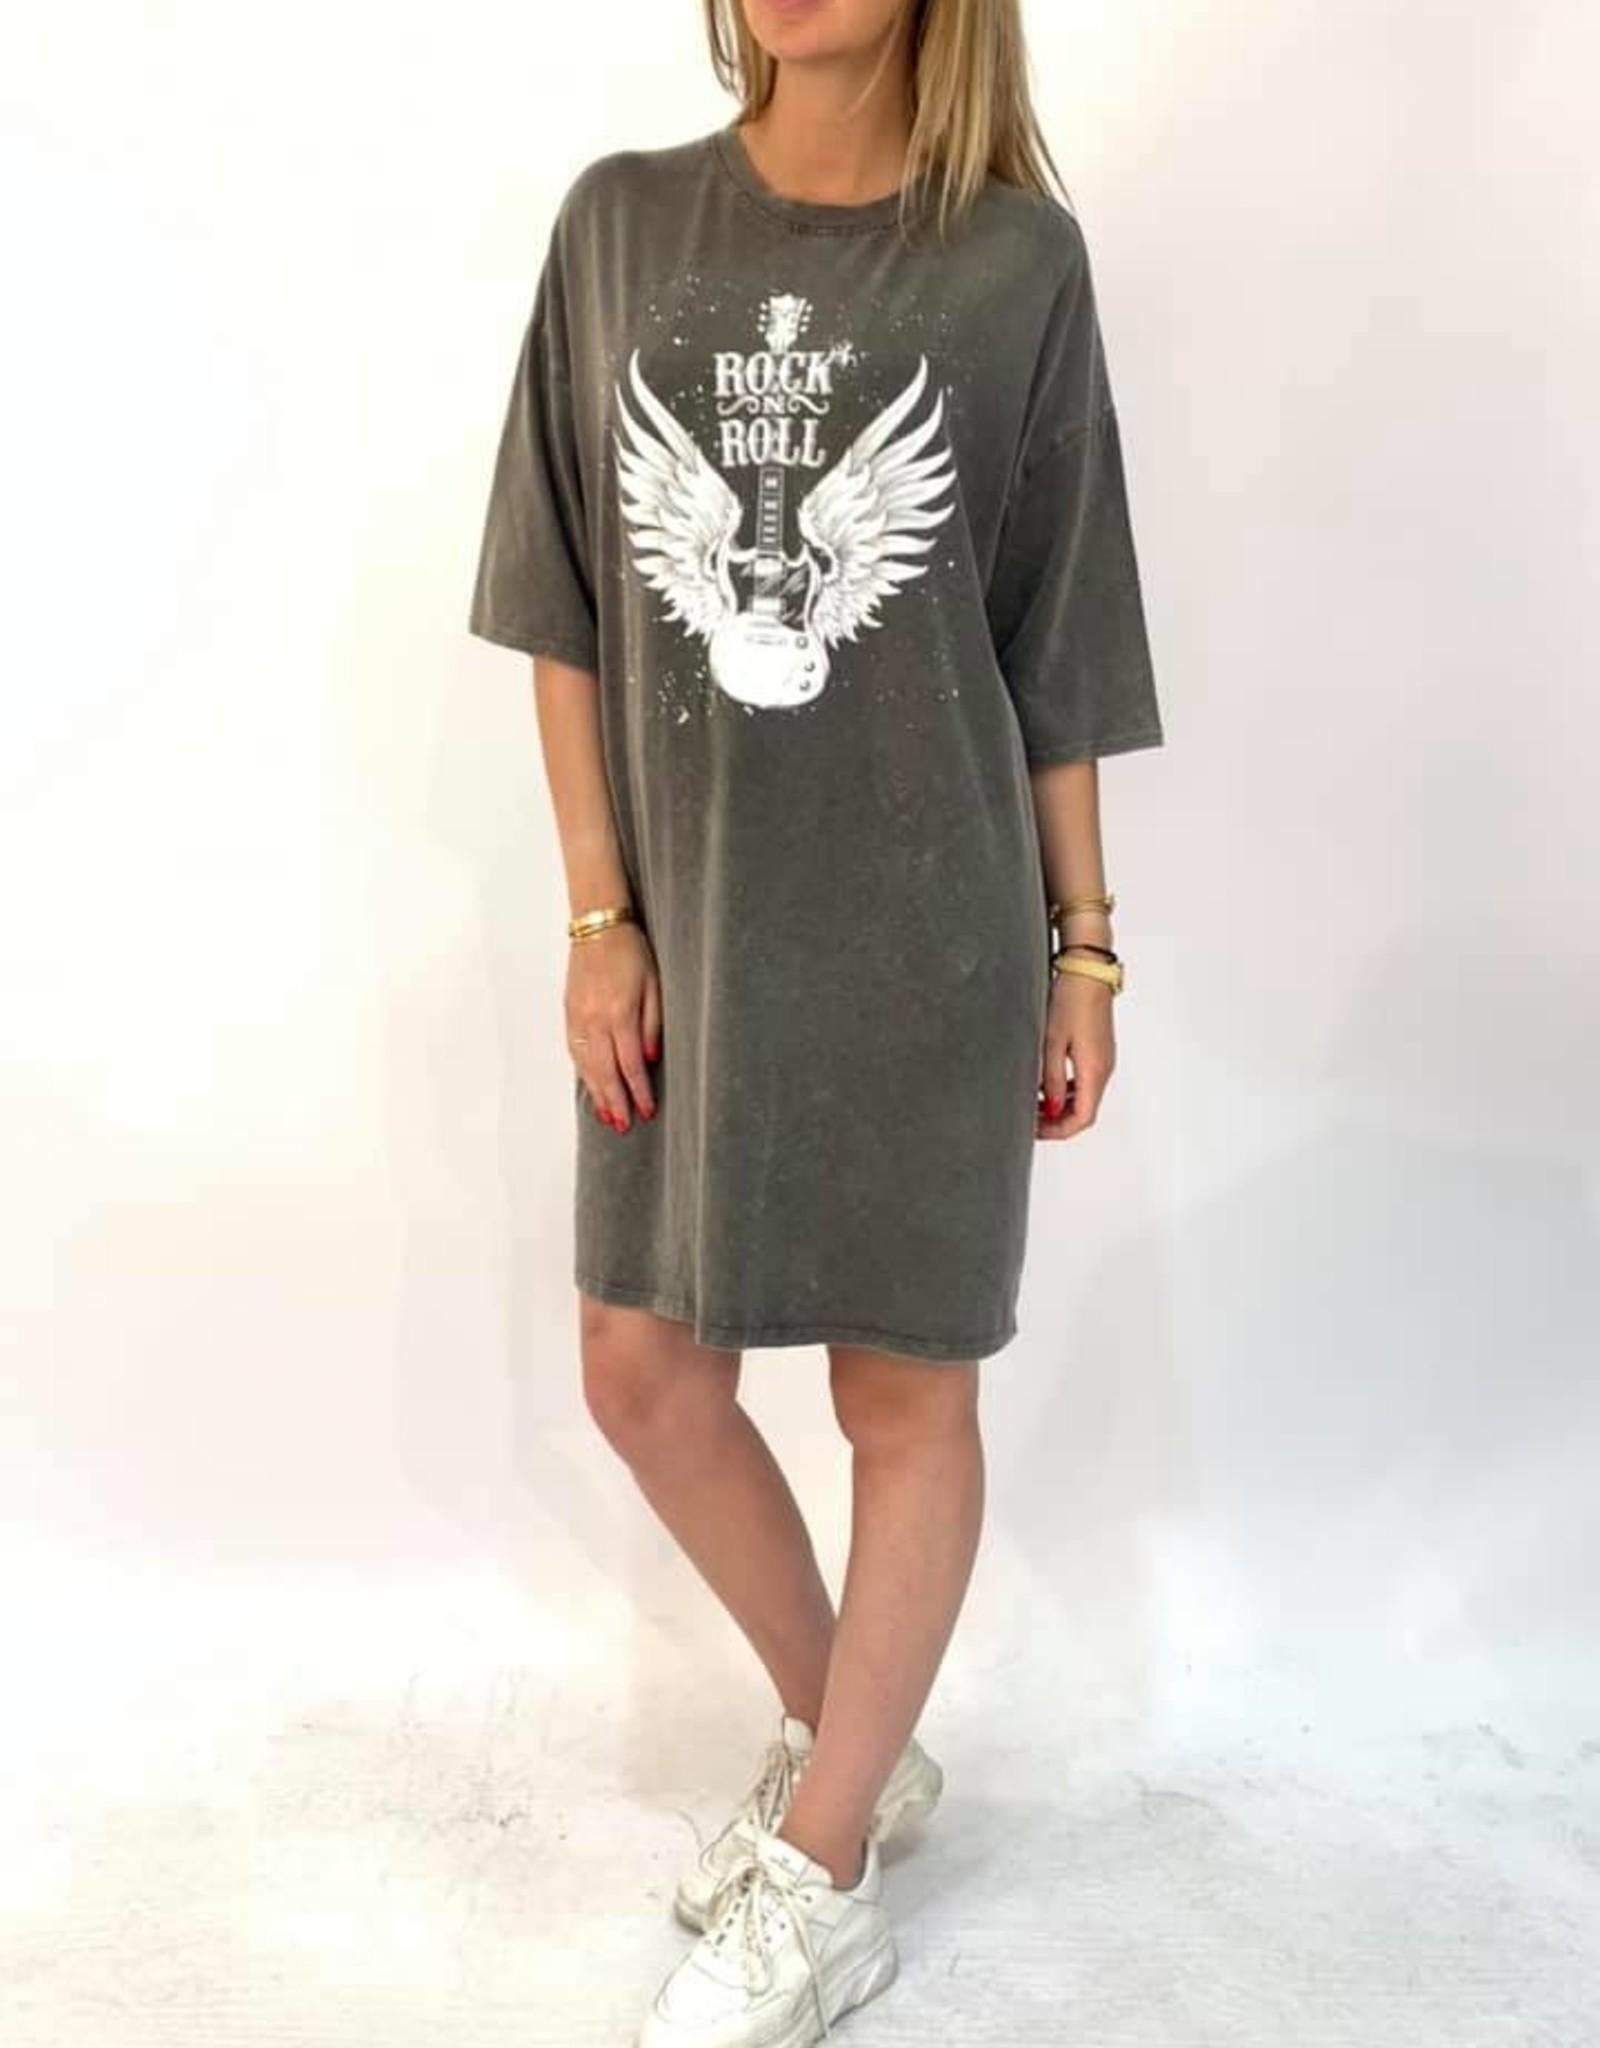 T-shirt Jurk Rock and Roll grijs